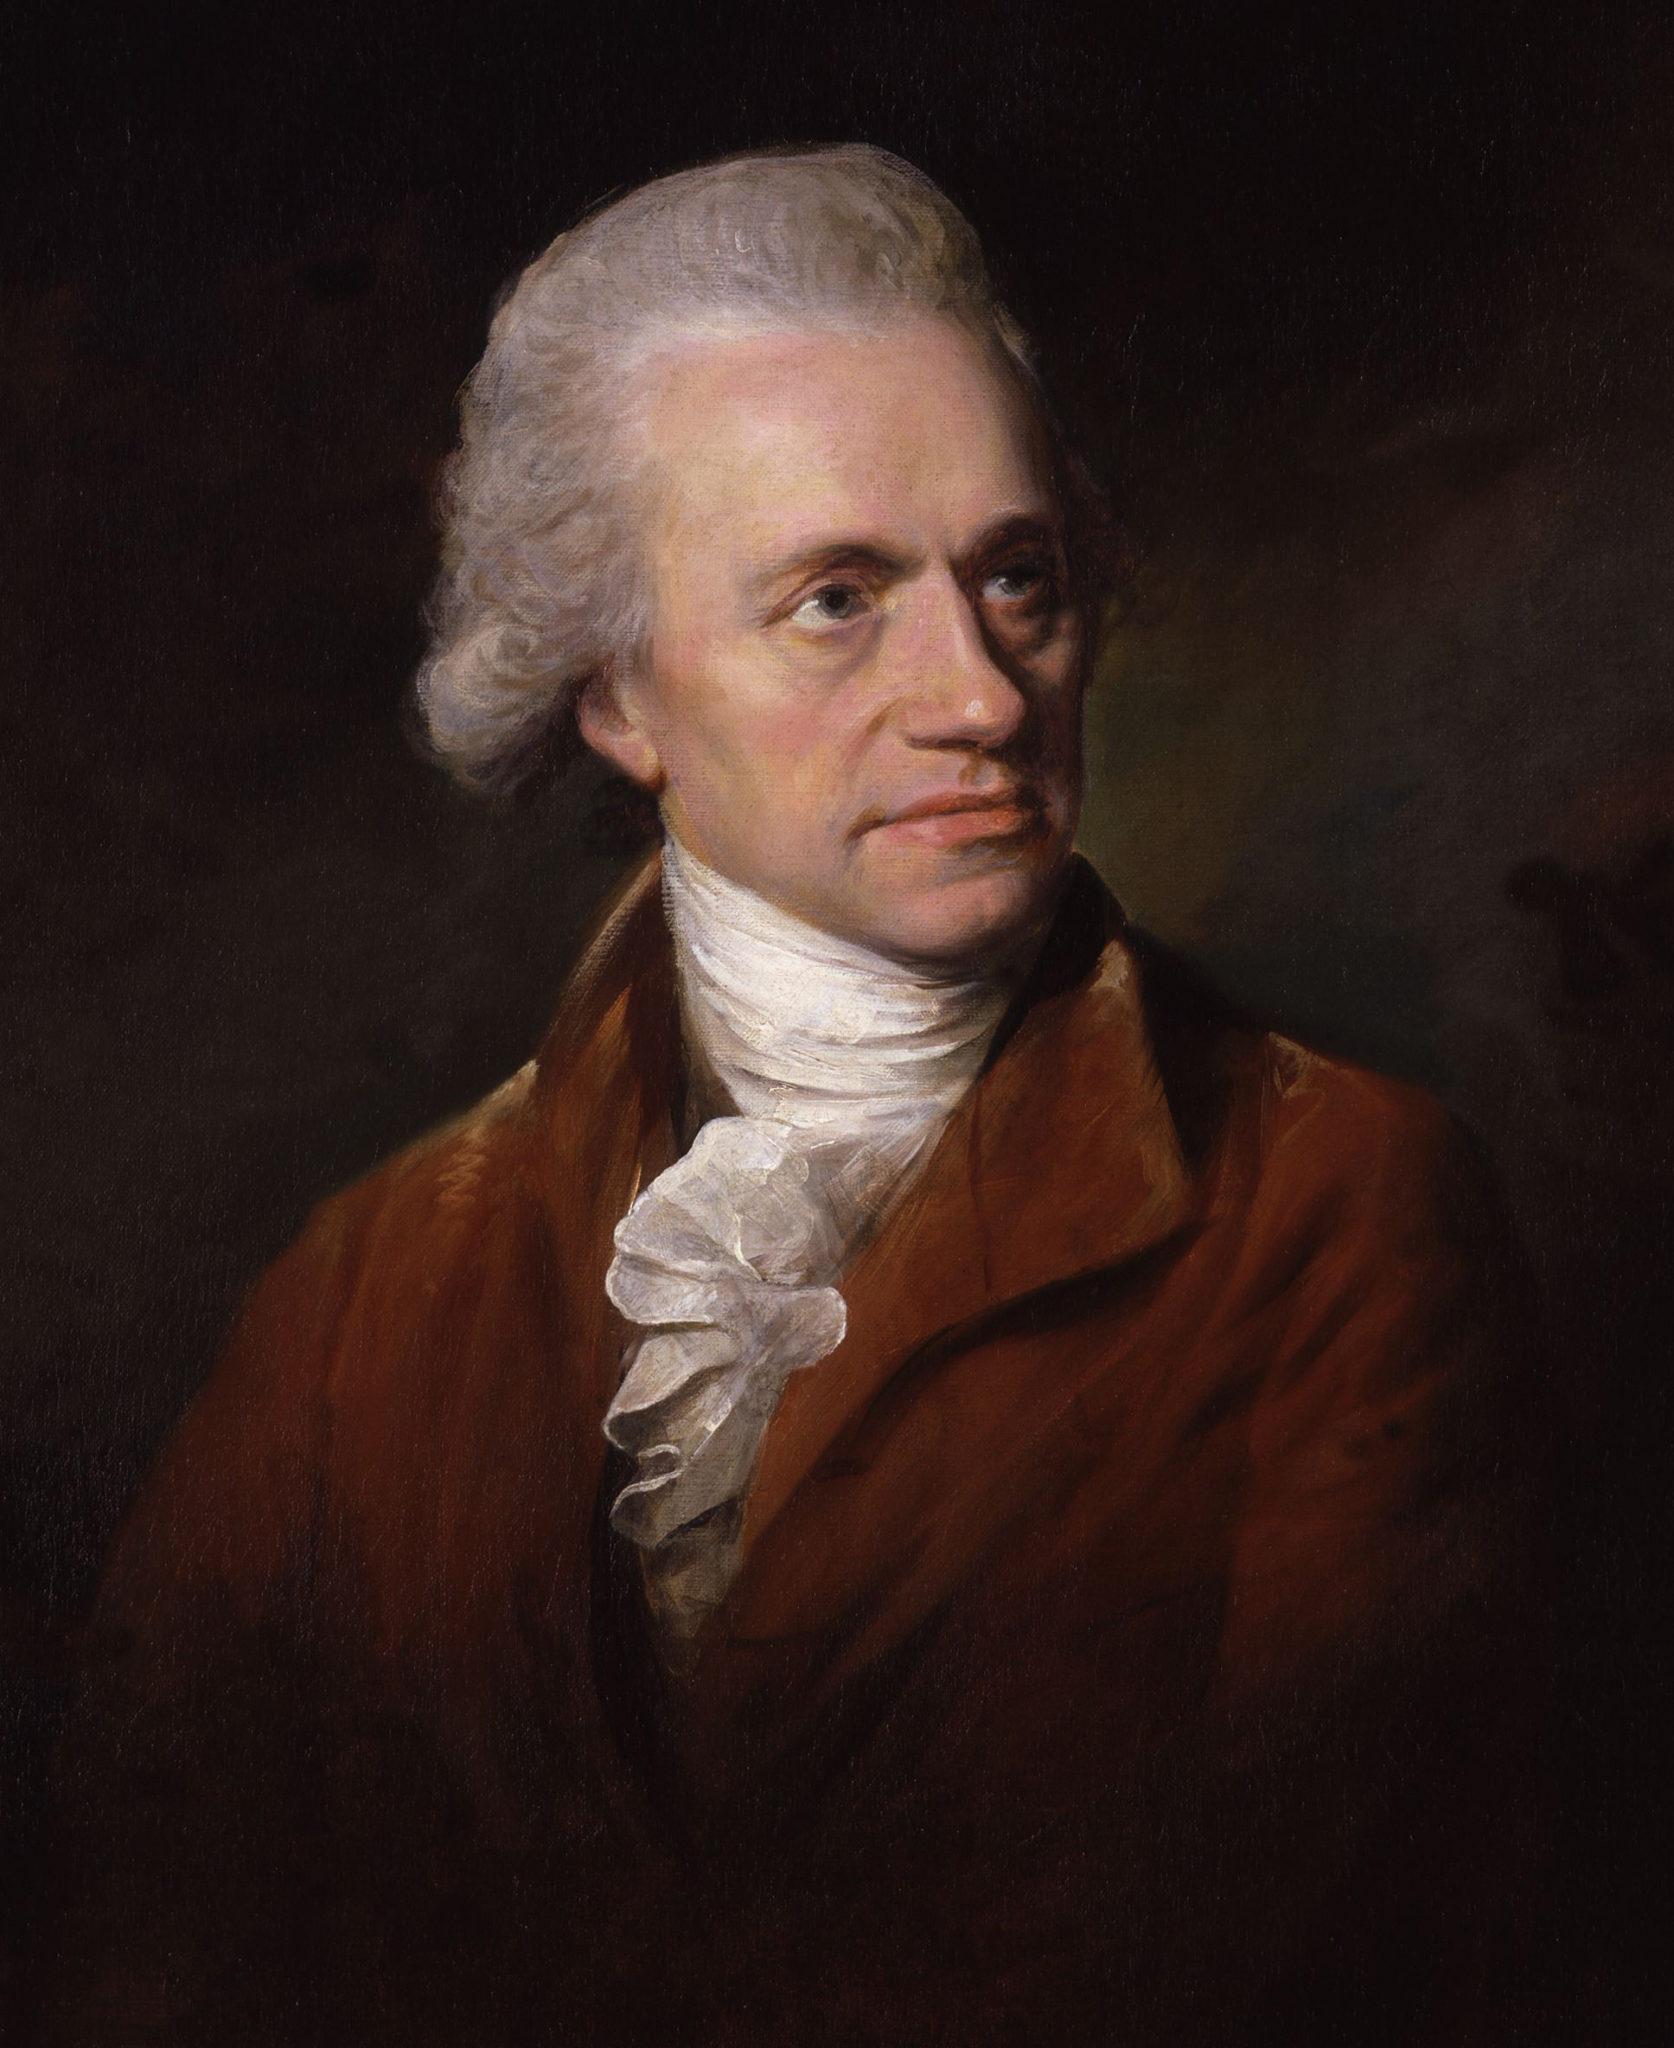 Сэр Уильям Гершель. Портрет кисти Лемюэля Фрэнсиса Эббота (1785). Национальная портретная галерея (Лондон)